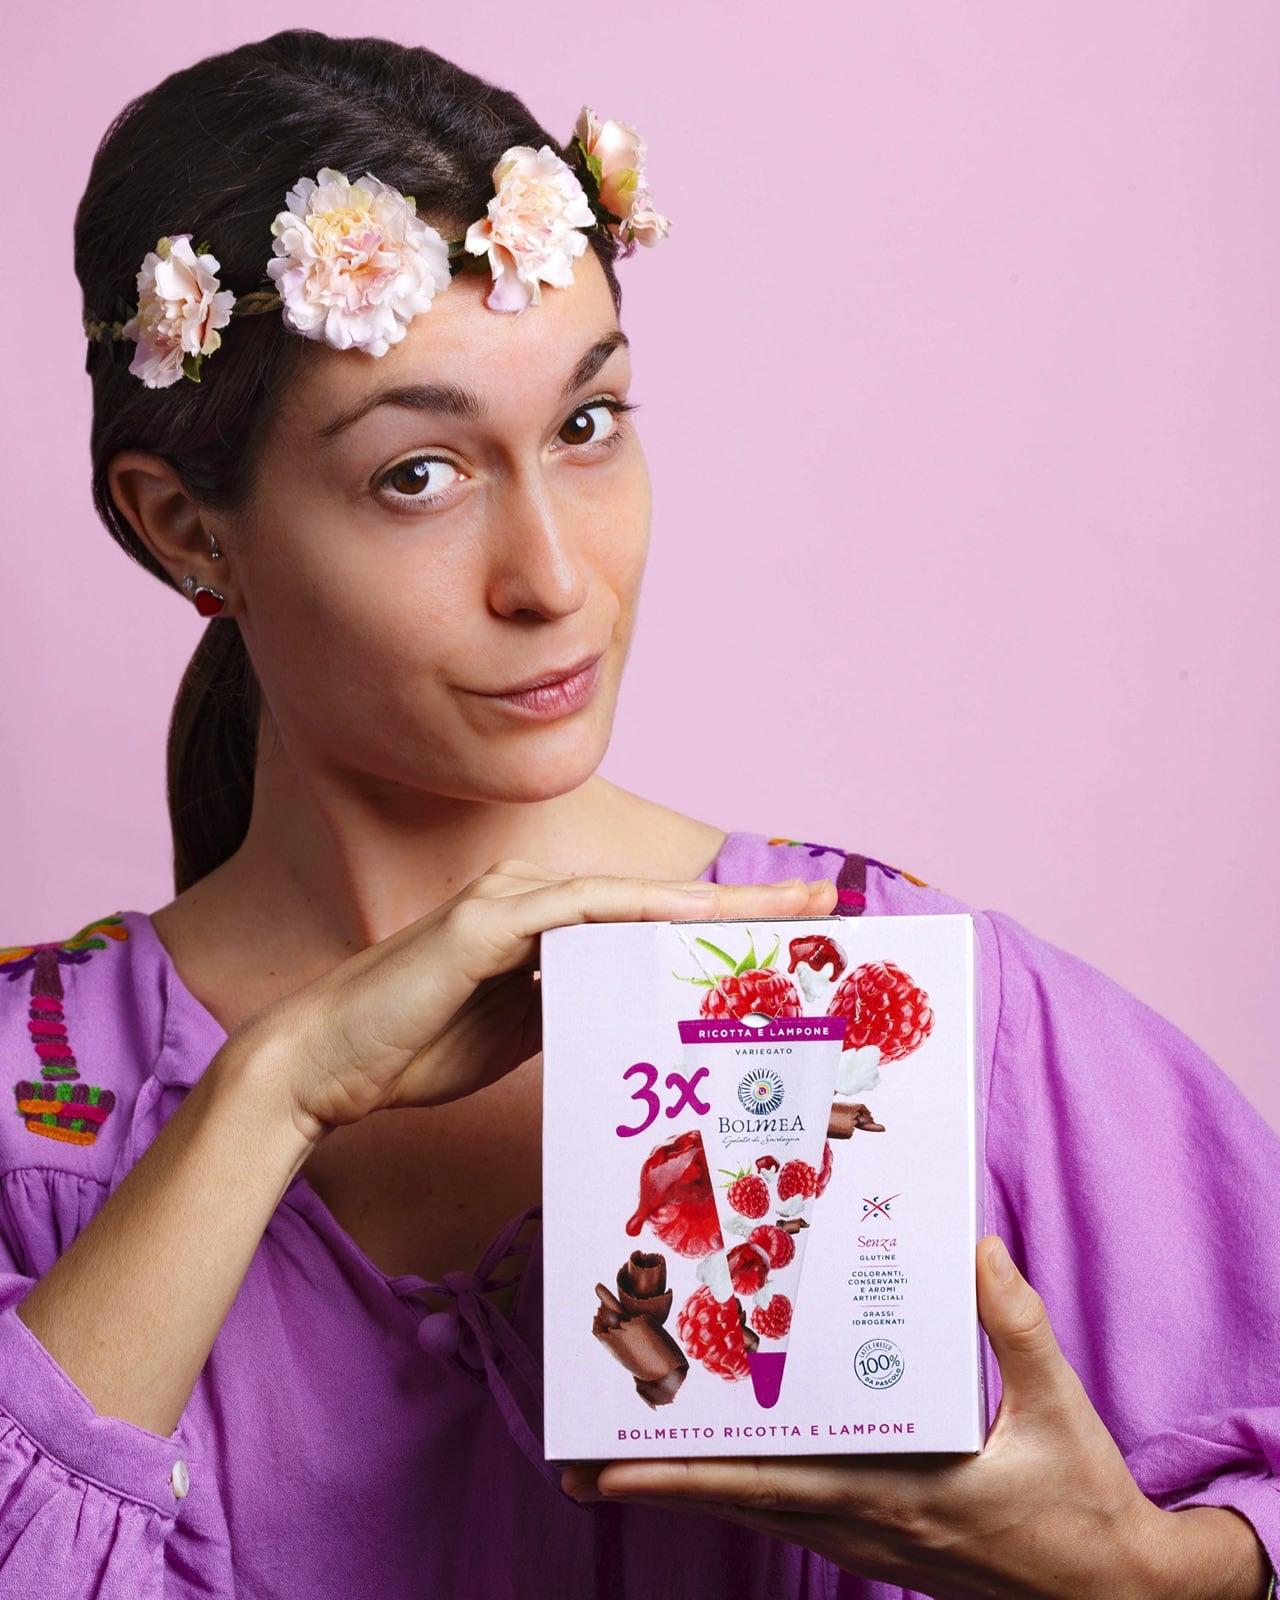 una ragazza con vestiti colorati tiene in mano una scatola di gelati Bolmea alla fragola